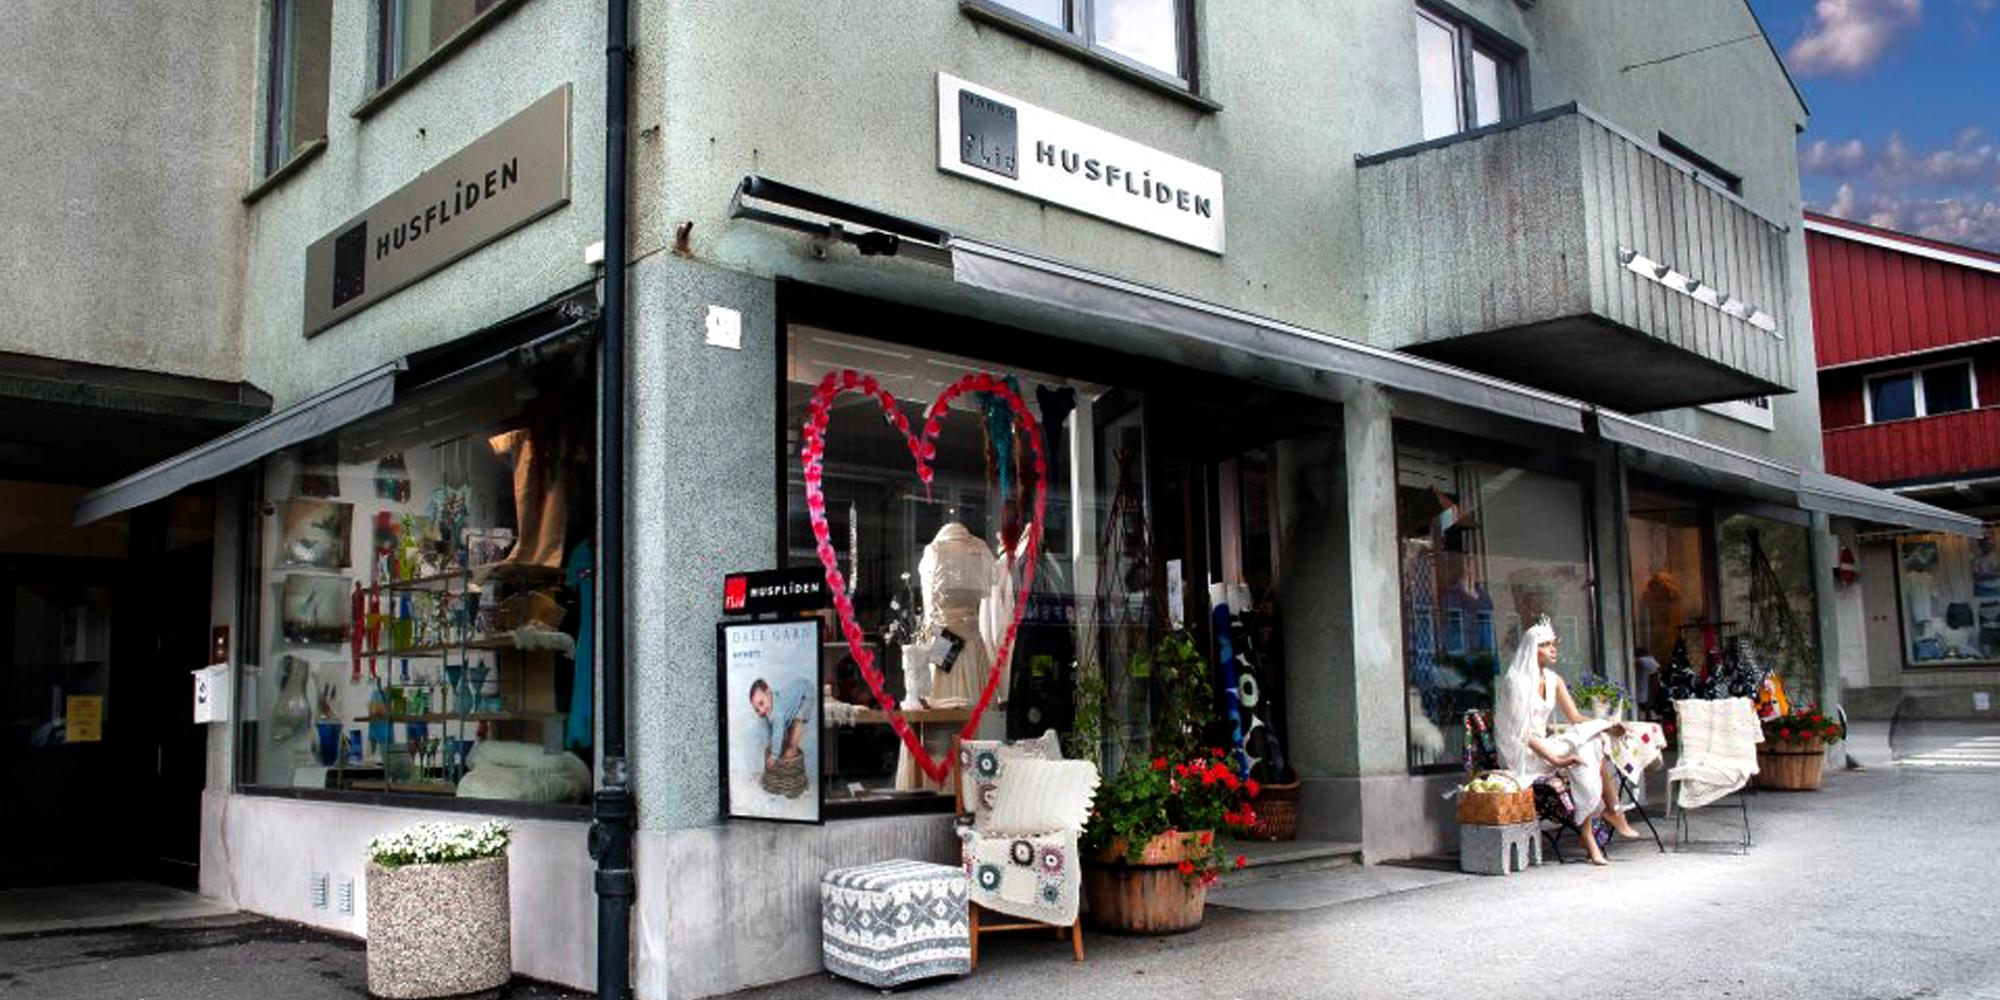 Husfliden Steinkjer - fasaden av butikken. Copyright: Husfliden Steinkjer